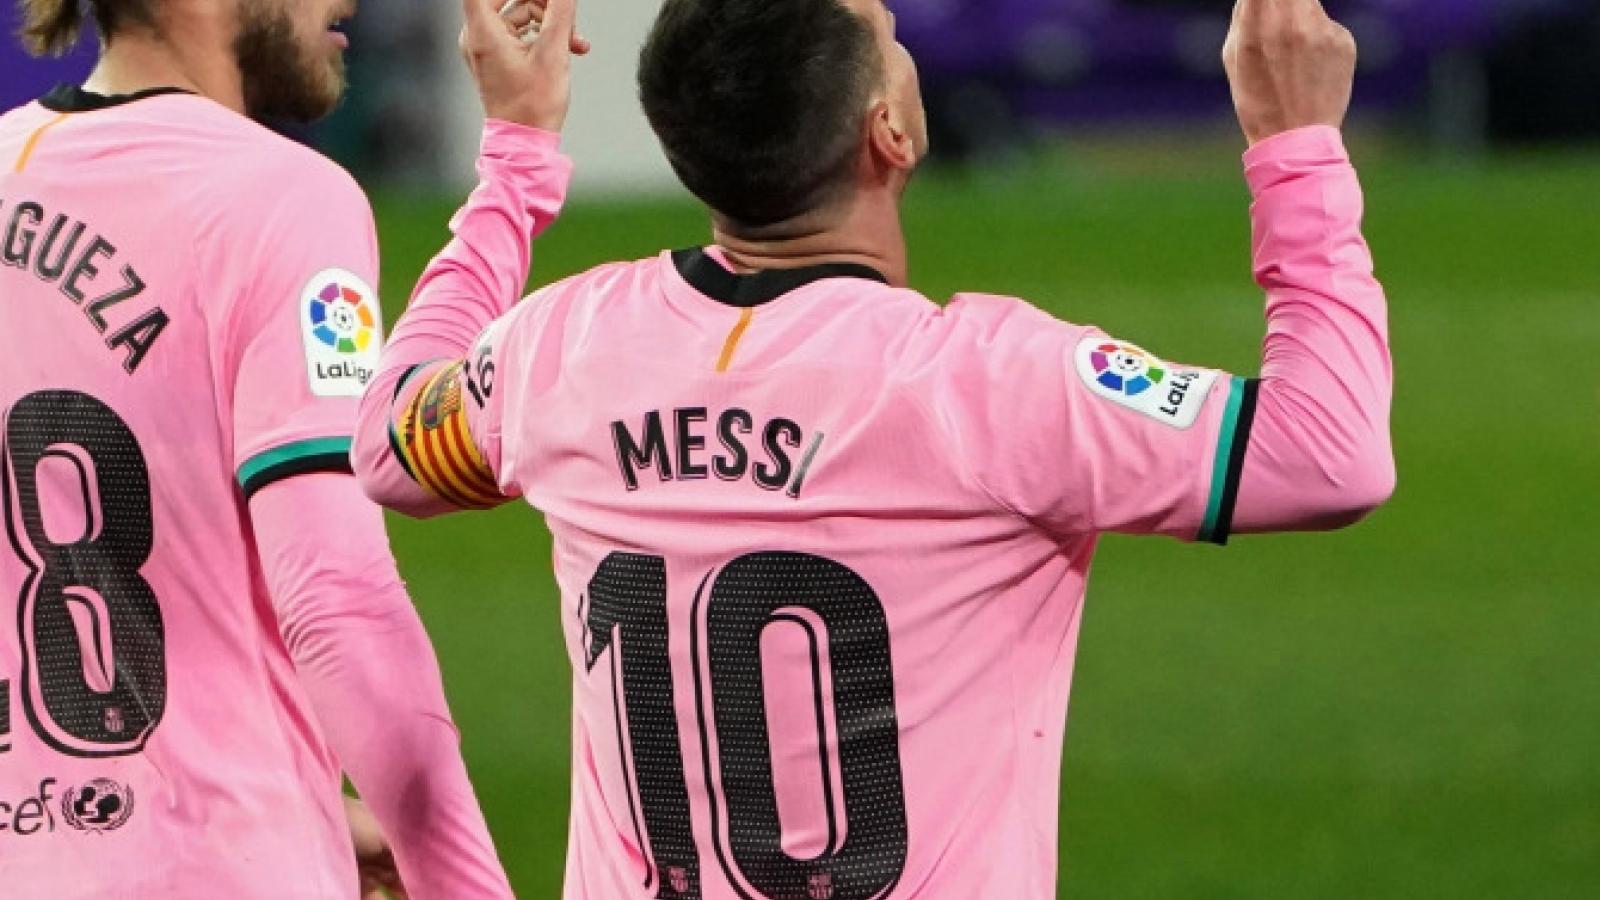 Mỗi lần bị Messi chọc thủng lưới, thủ môn ... được tặng 1 chai bia